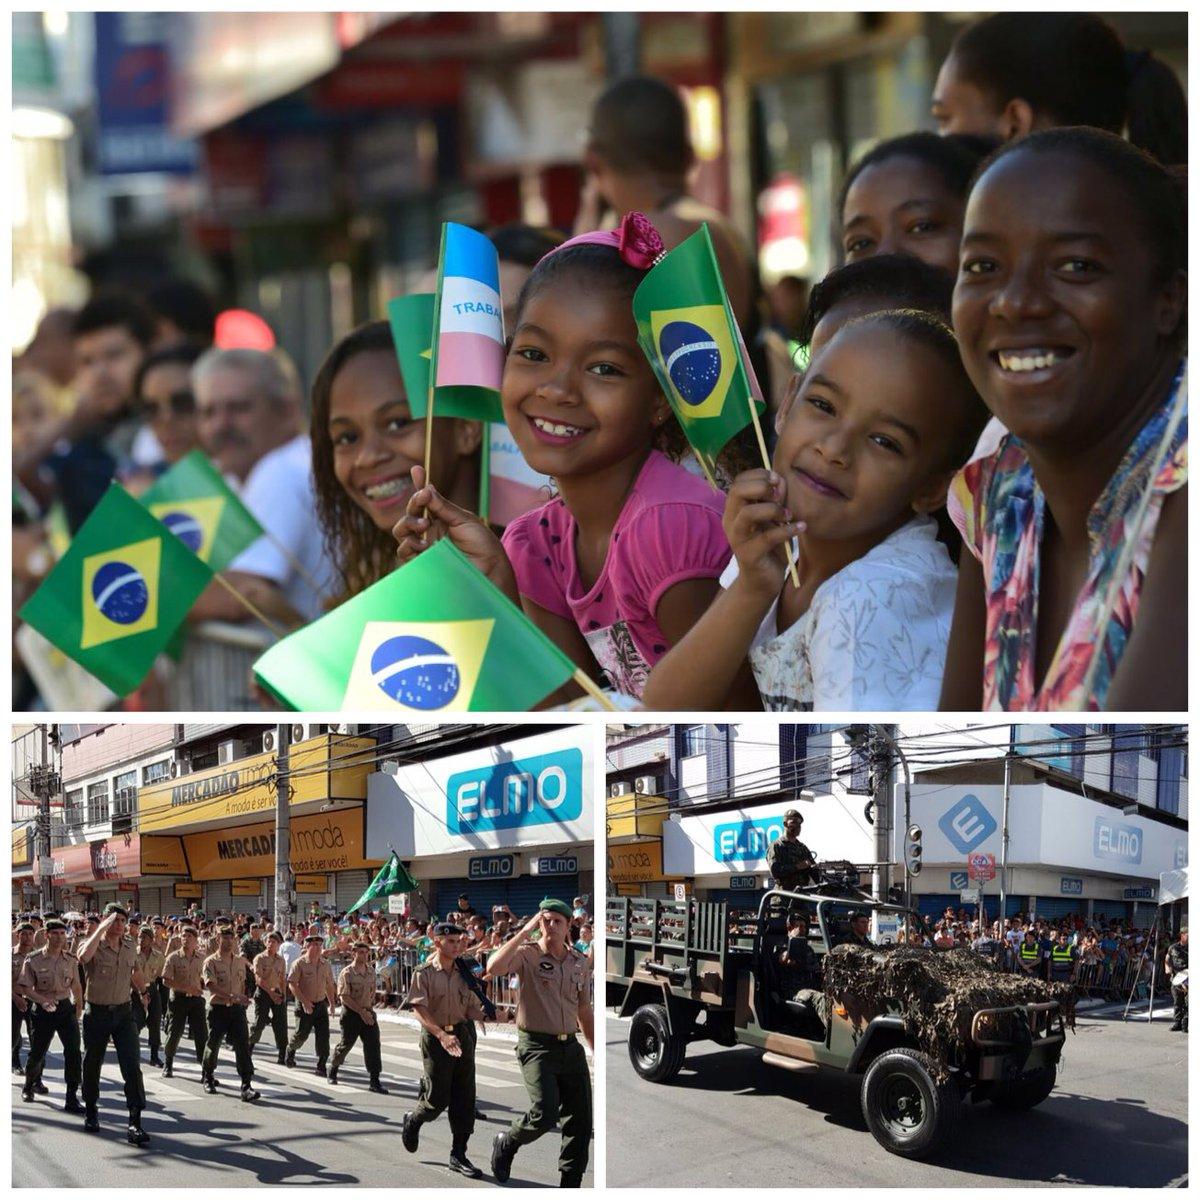 Tradicional desfile da Independência já começou! O evento está lindo e lotado